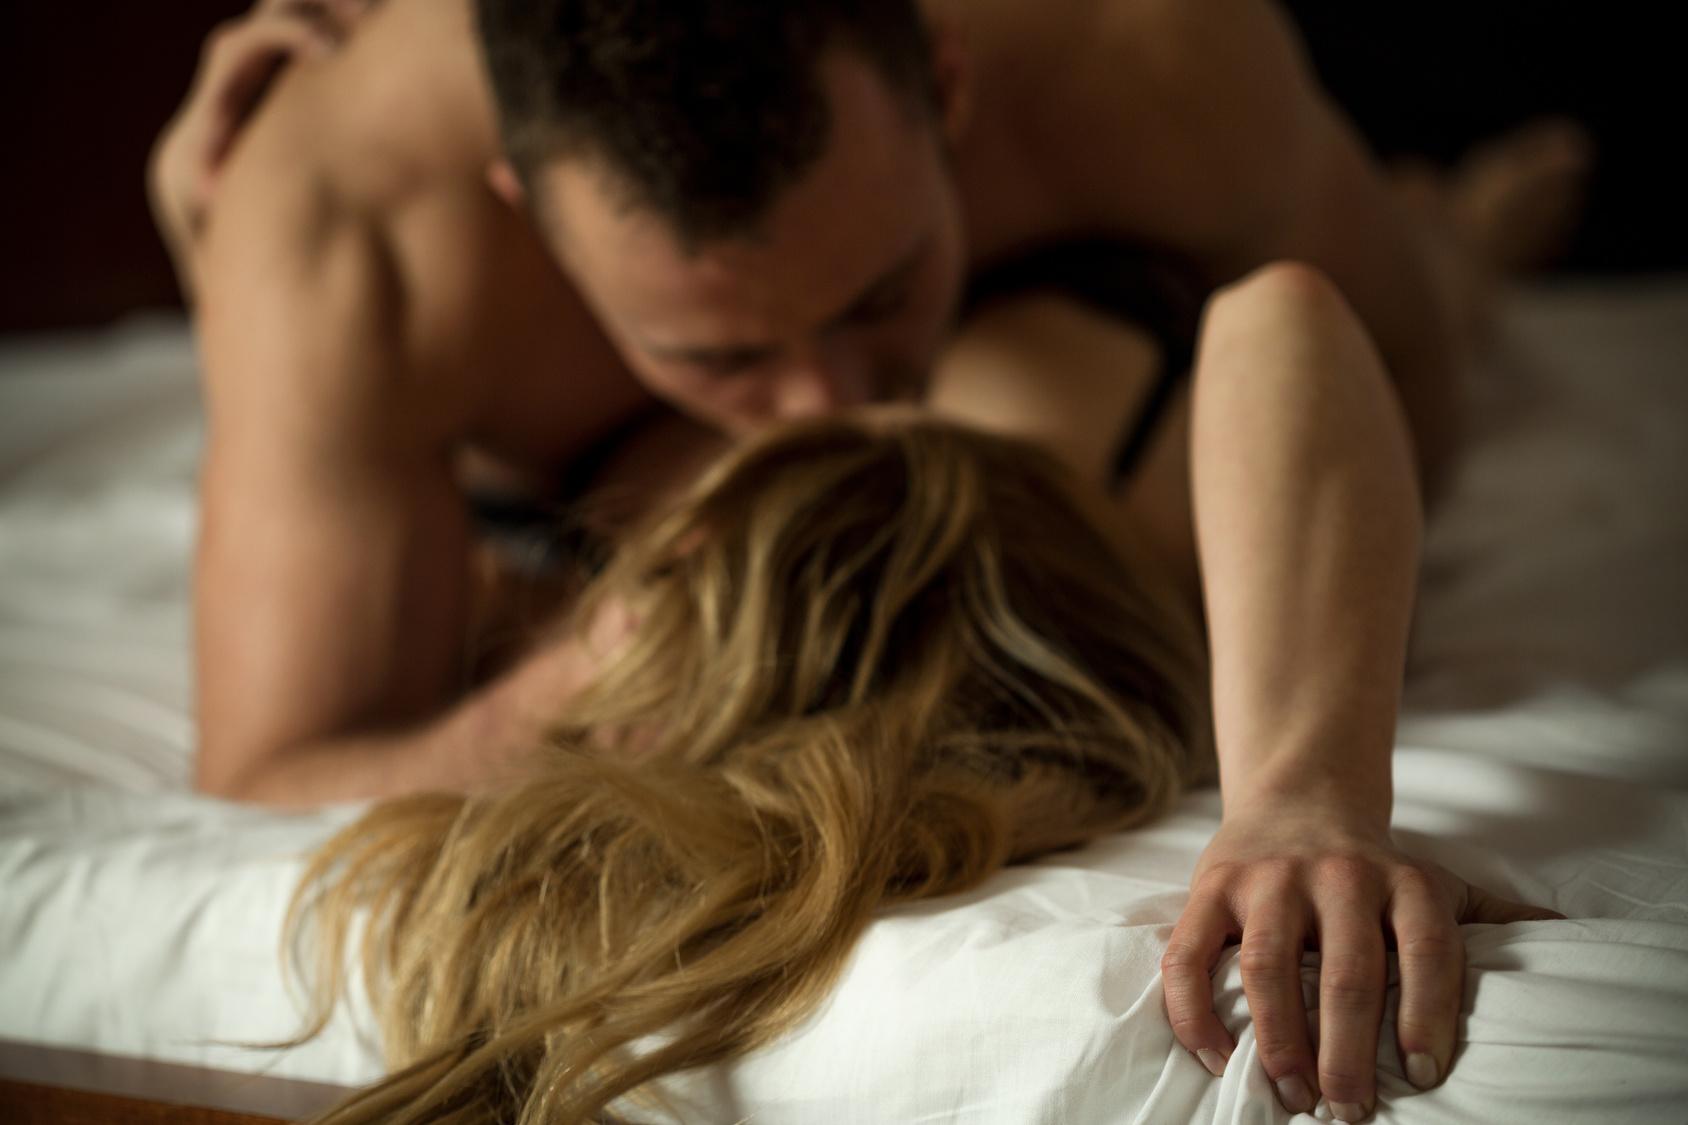 Black naked women licking ass videos